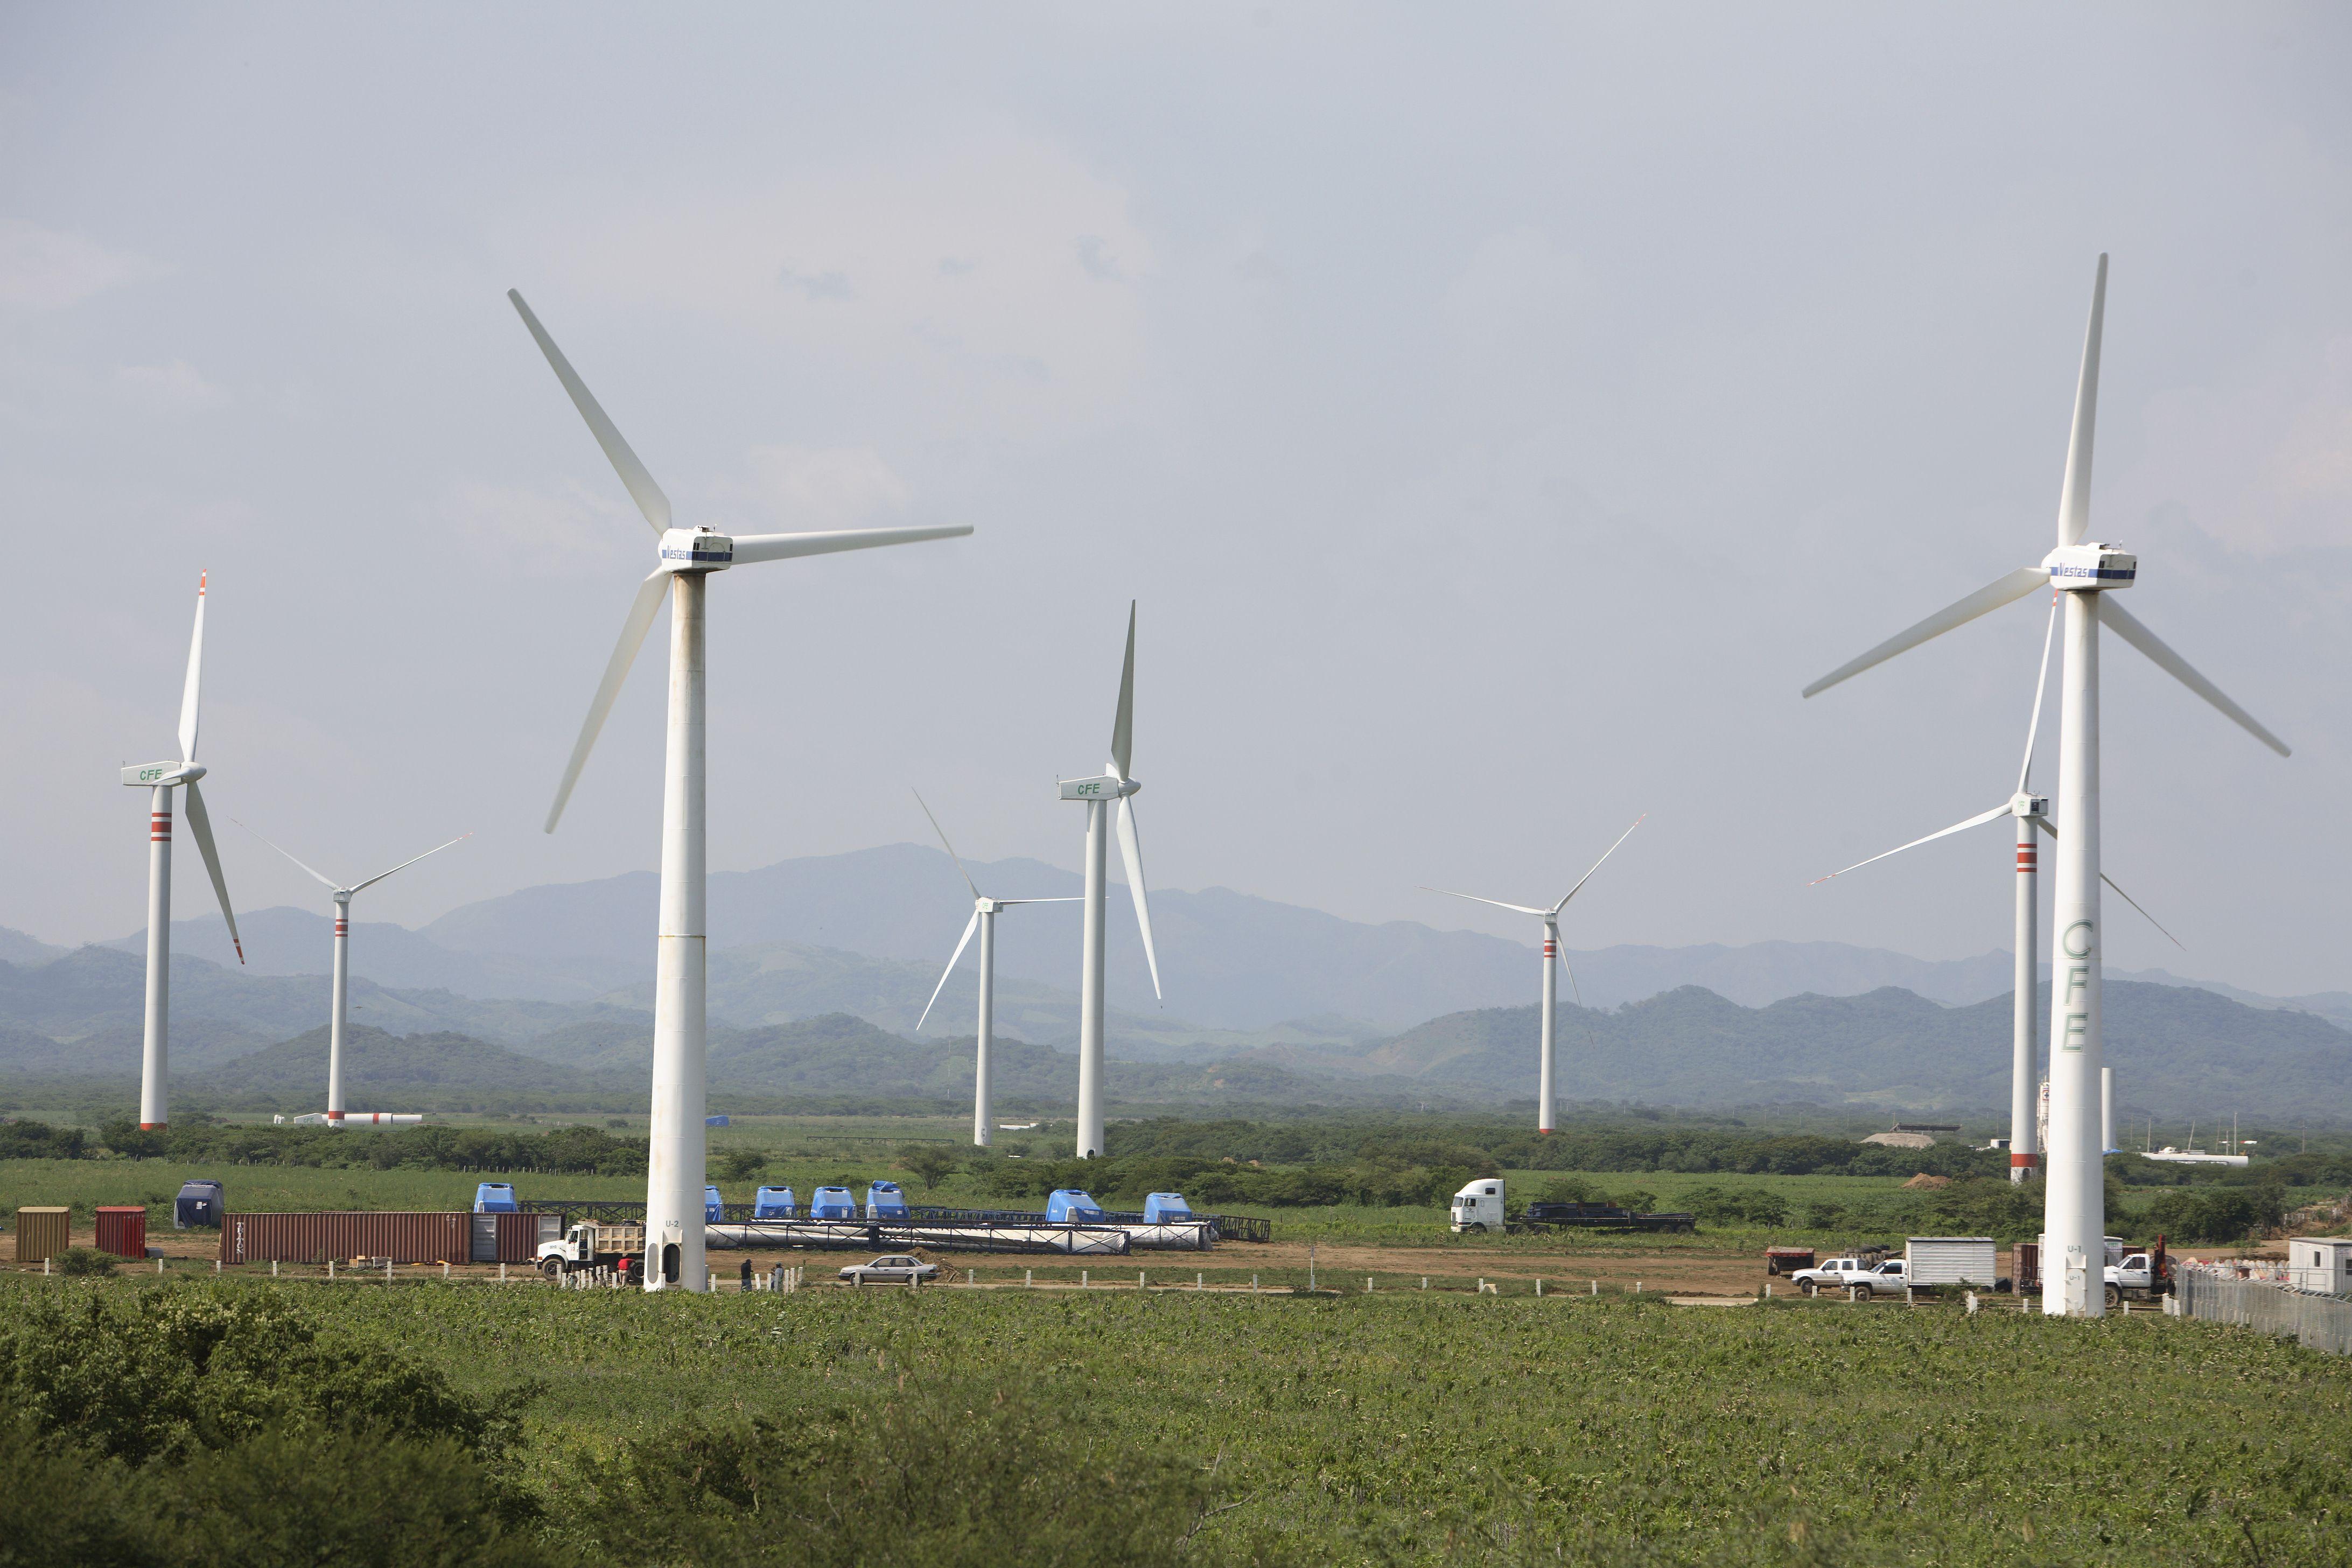 Energías renovables promueven el desarrollo sostenible de Baja California